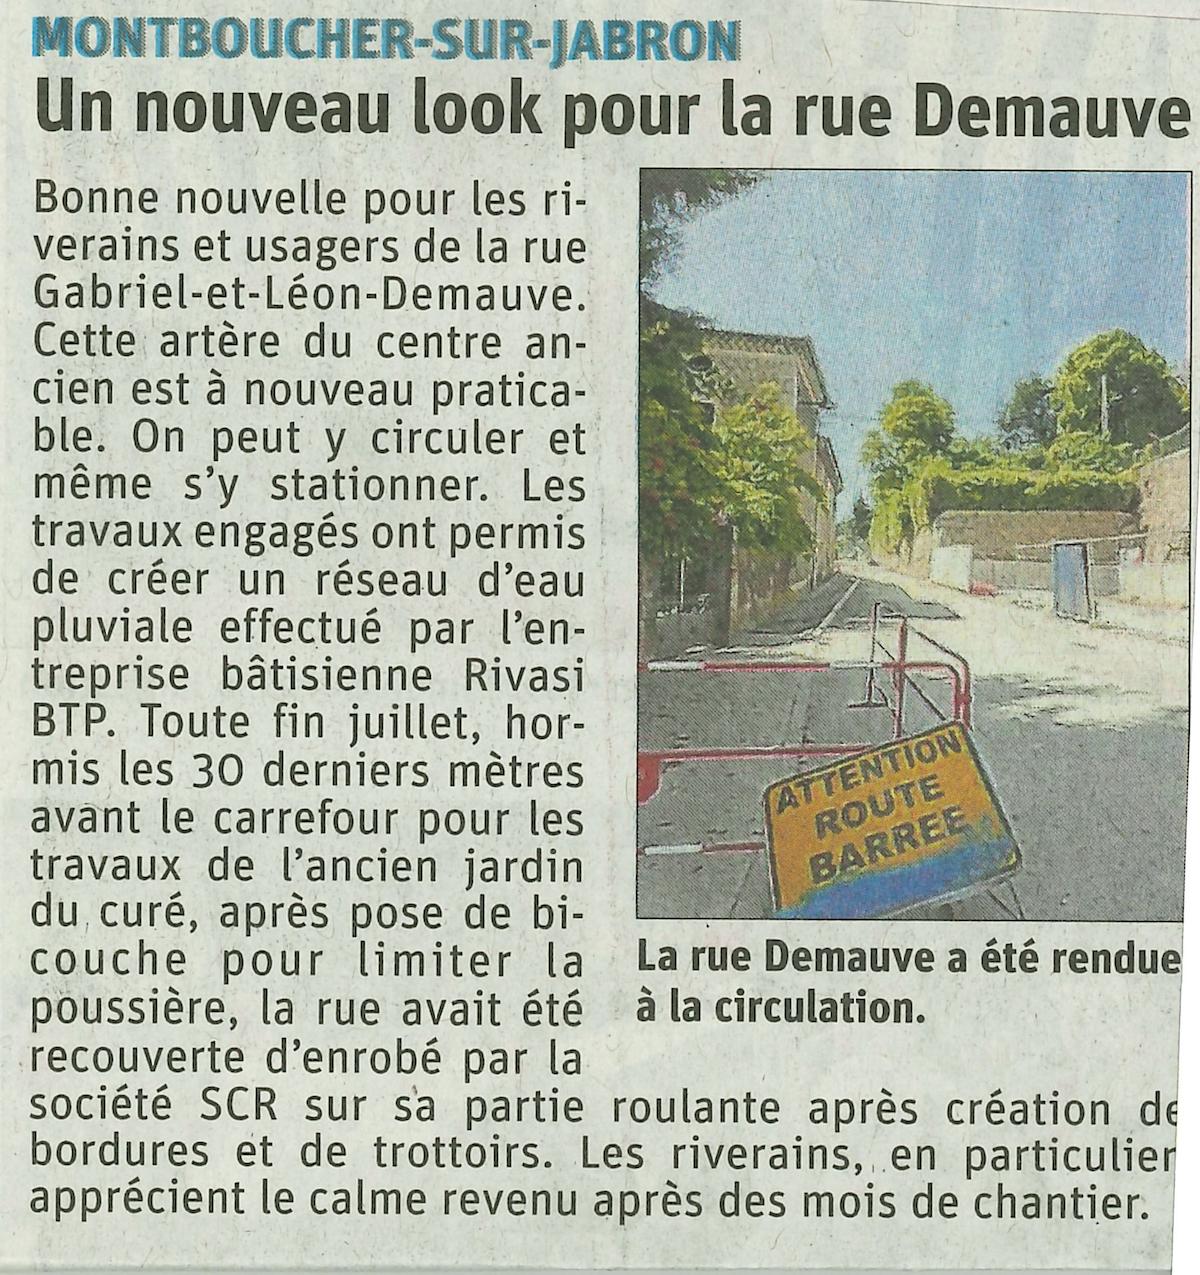 Montboucher sur Jabron : Nouveau look pour la rue Demauve